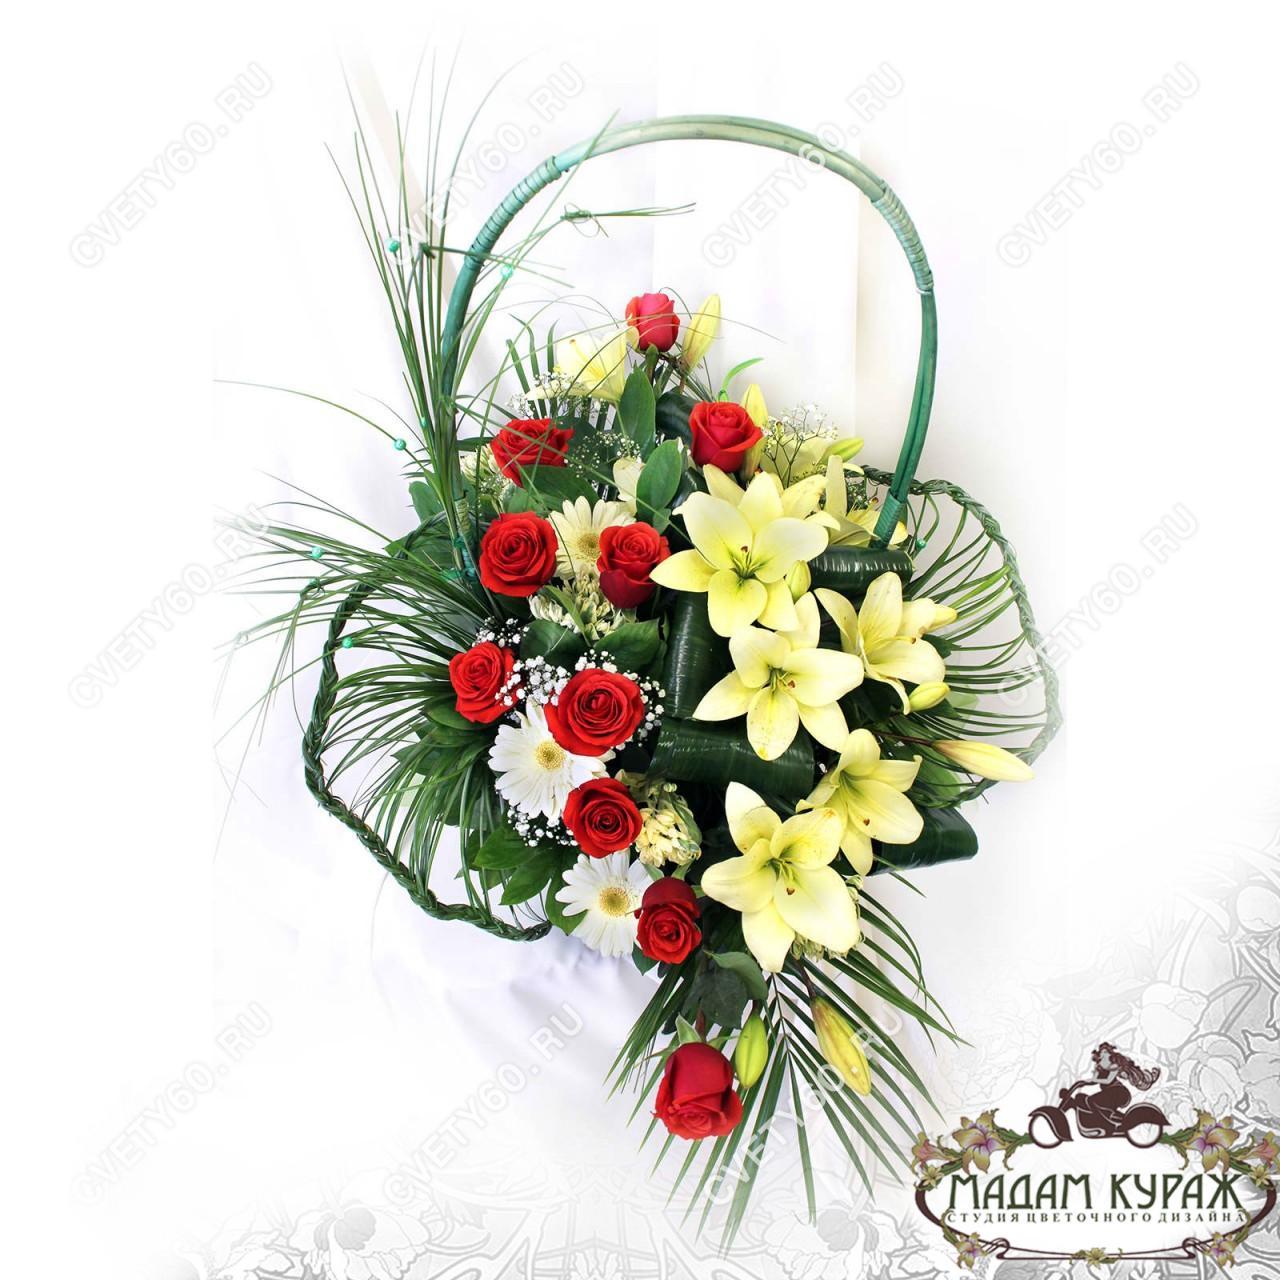 Красивая корзина с розами в Пскове